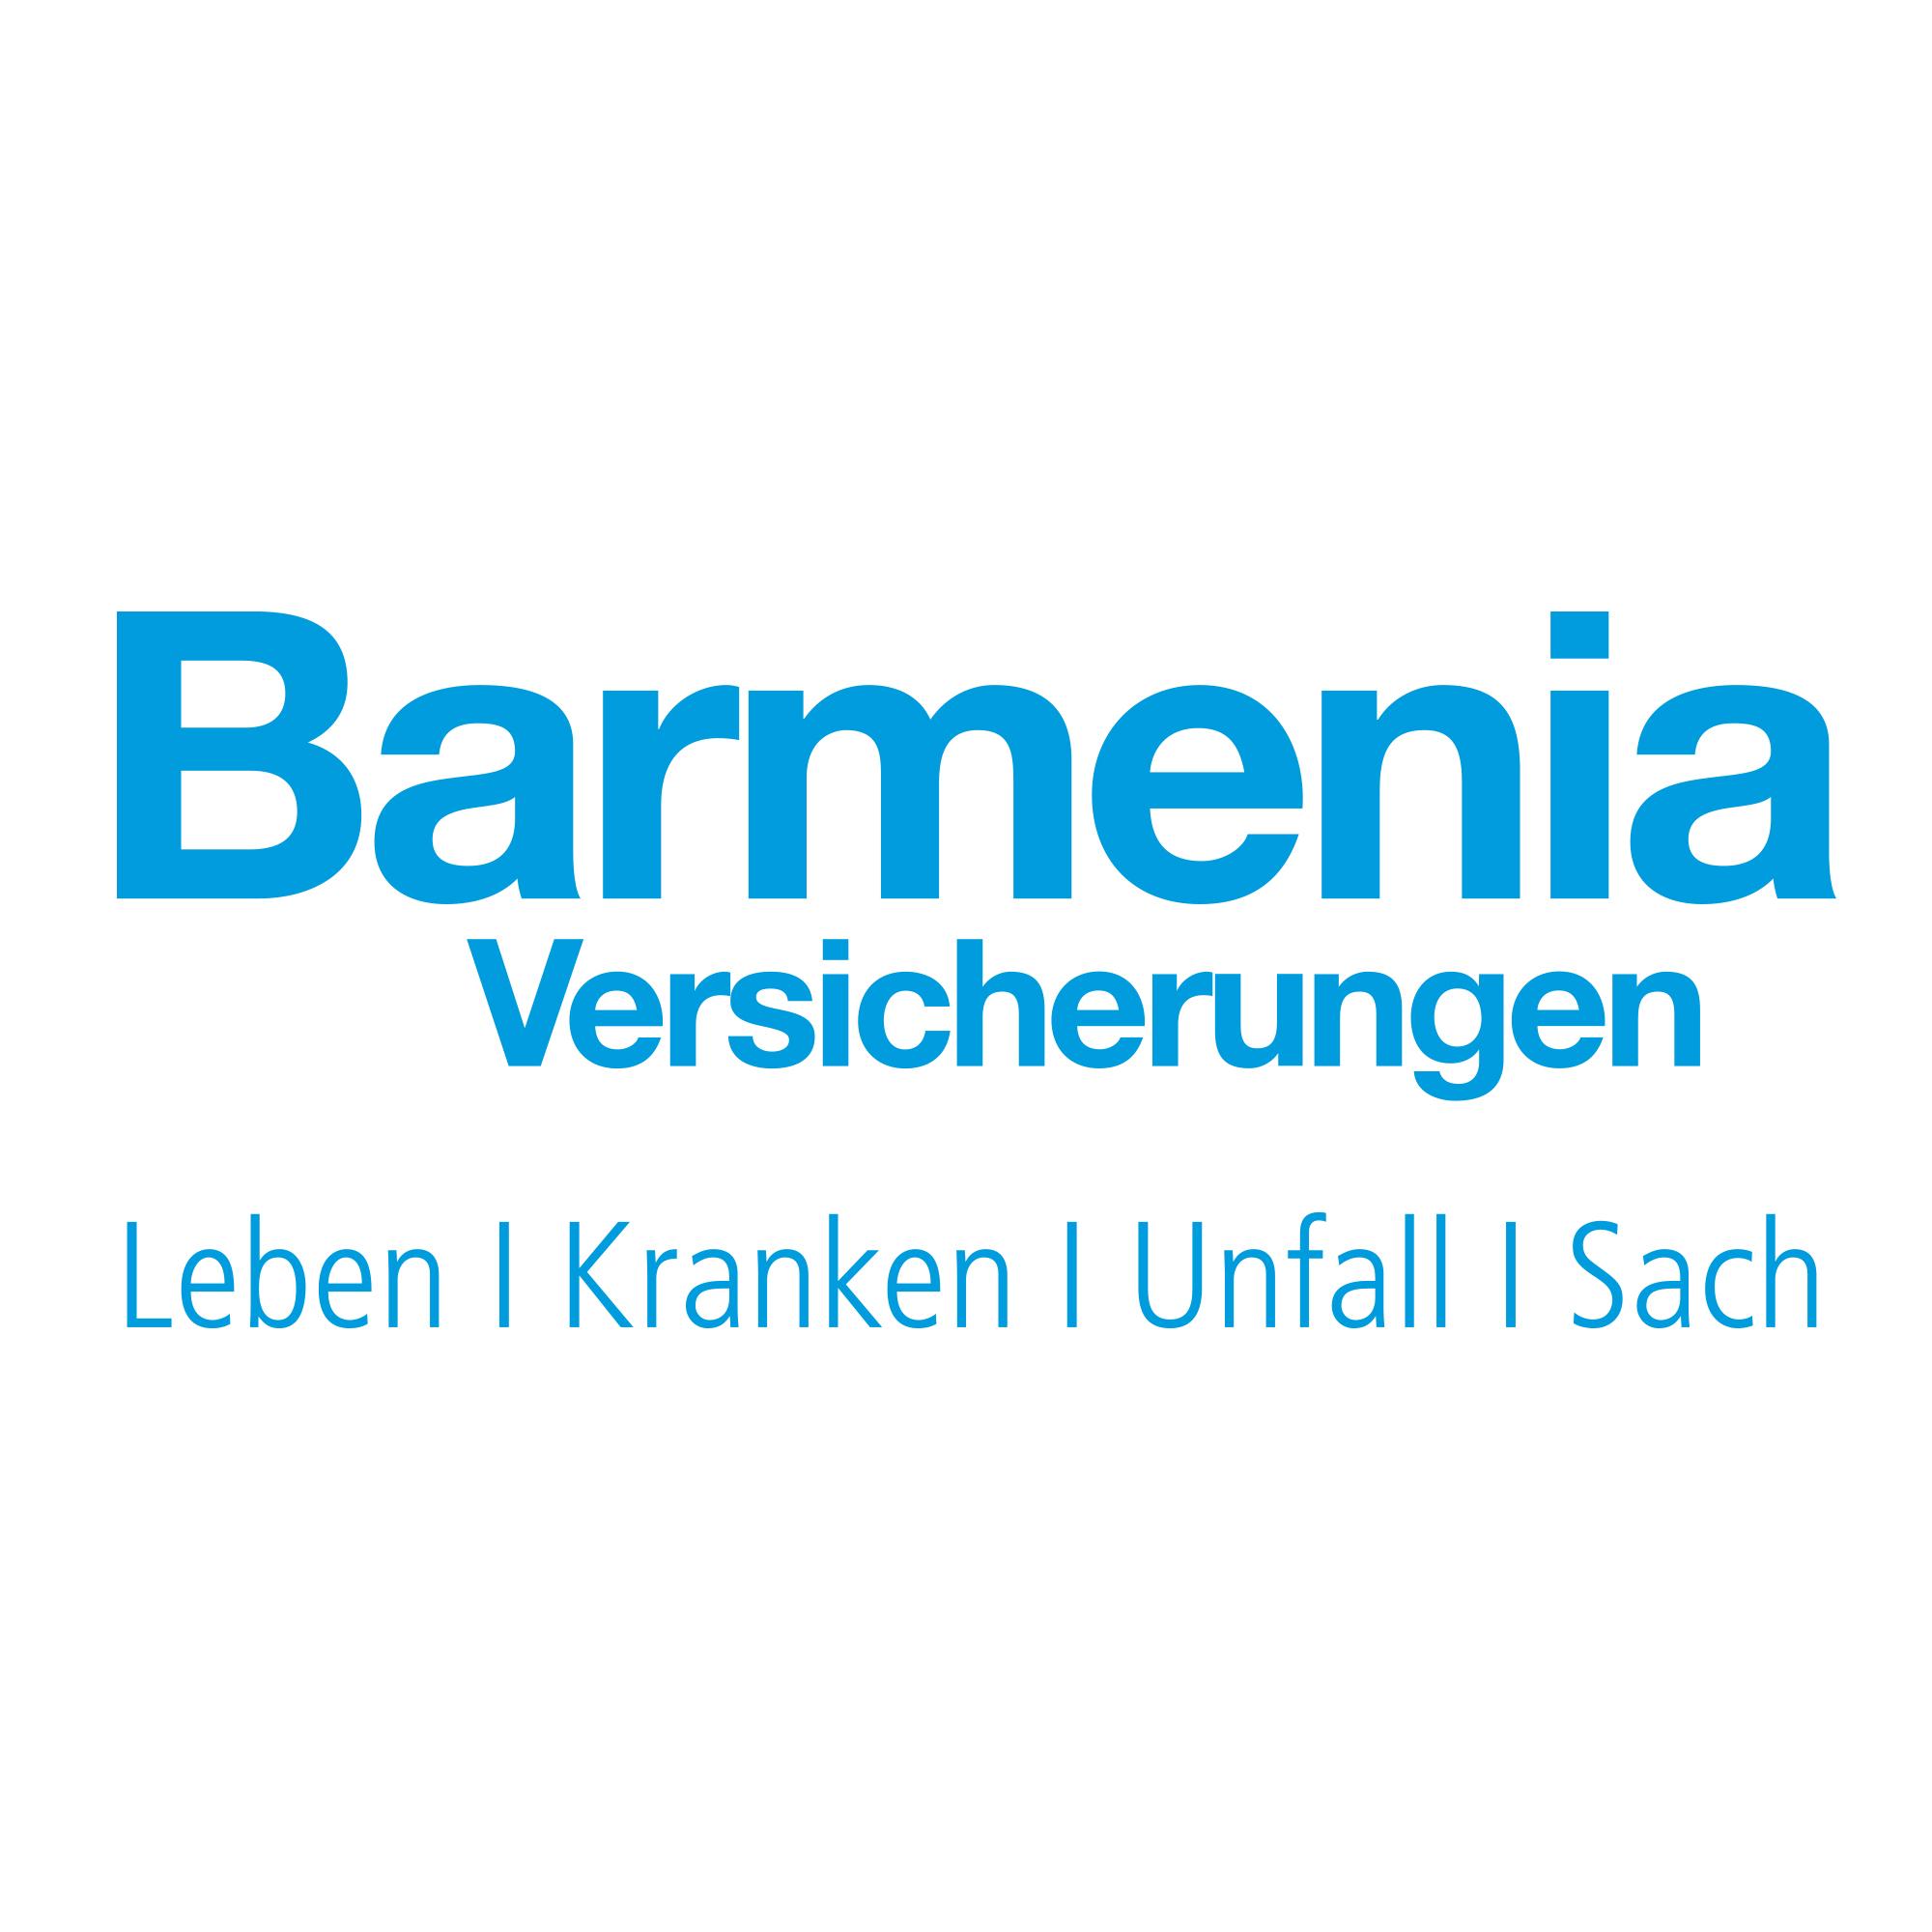 Barmenia Versicherungen - Michael Niedergriese